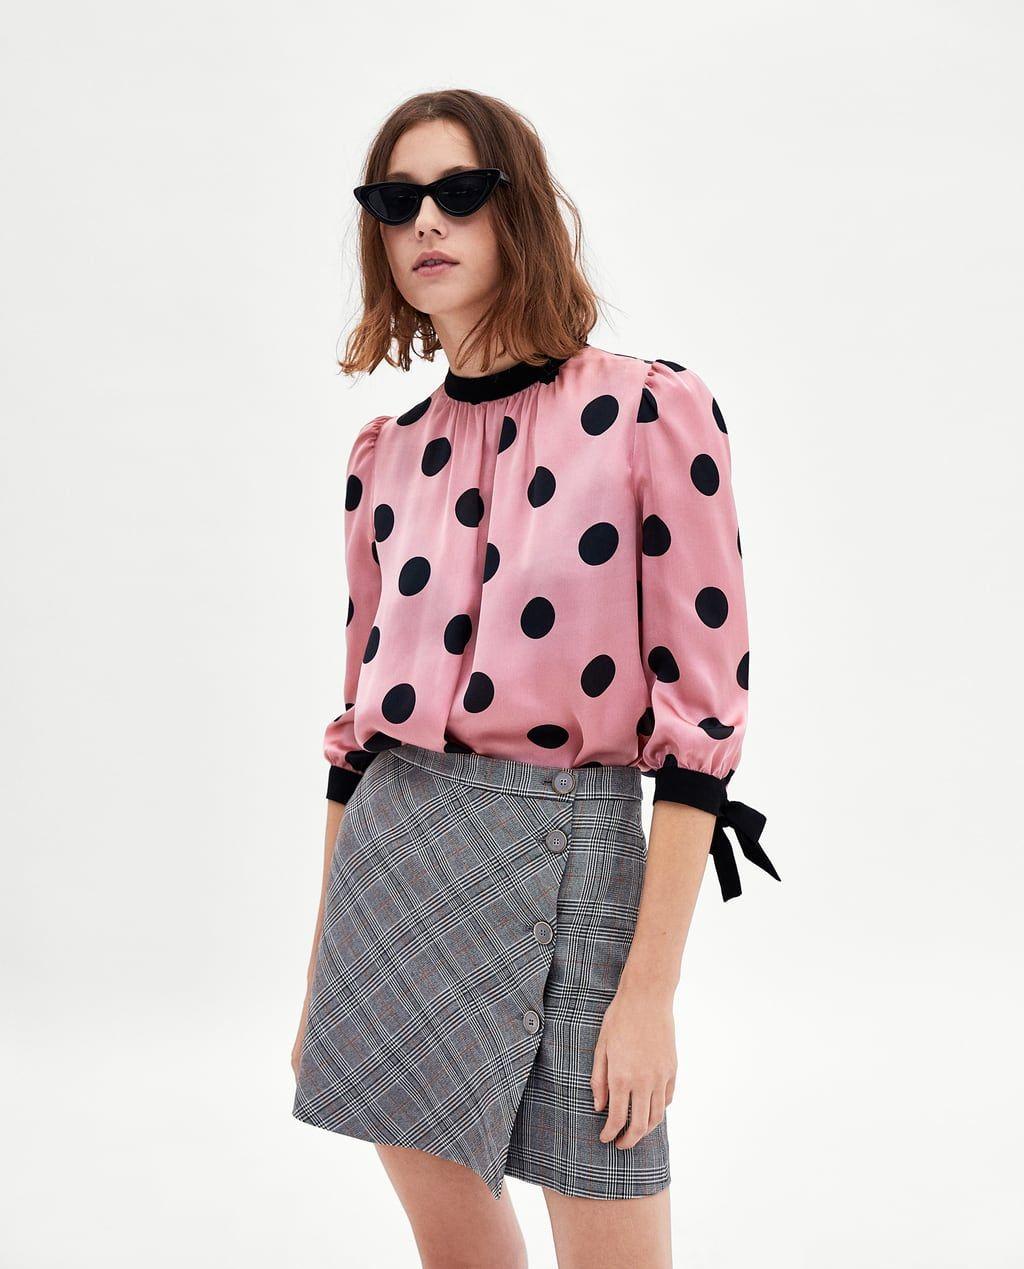 Image 2 Of Satin Polka Dot Blouse From Zara Blusas De Moda Patrones Ropa Blusas Juveniles Moda